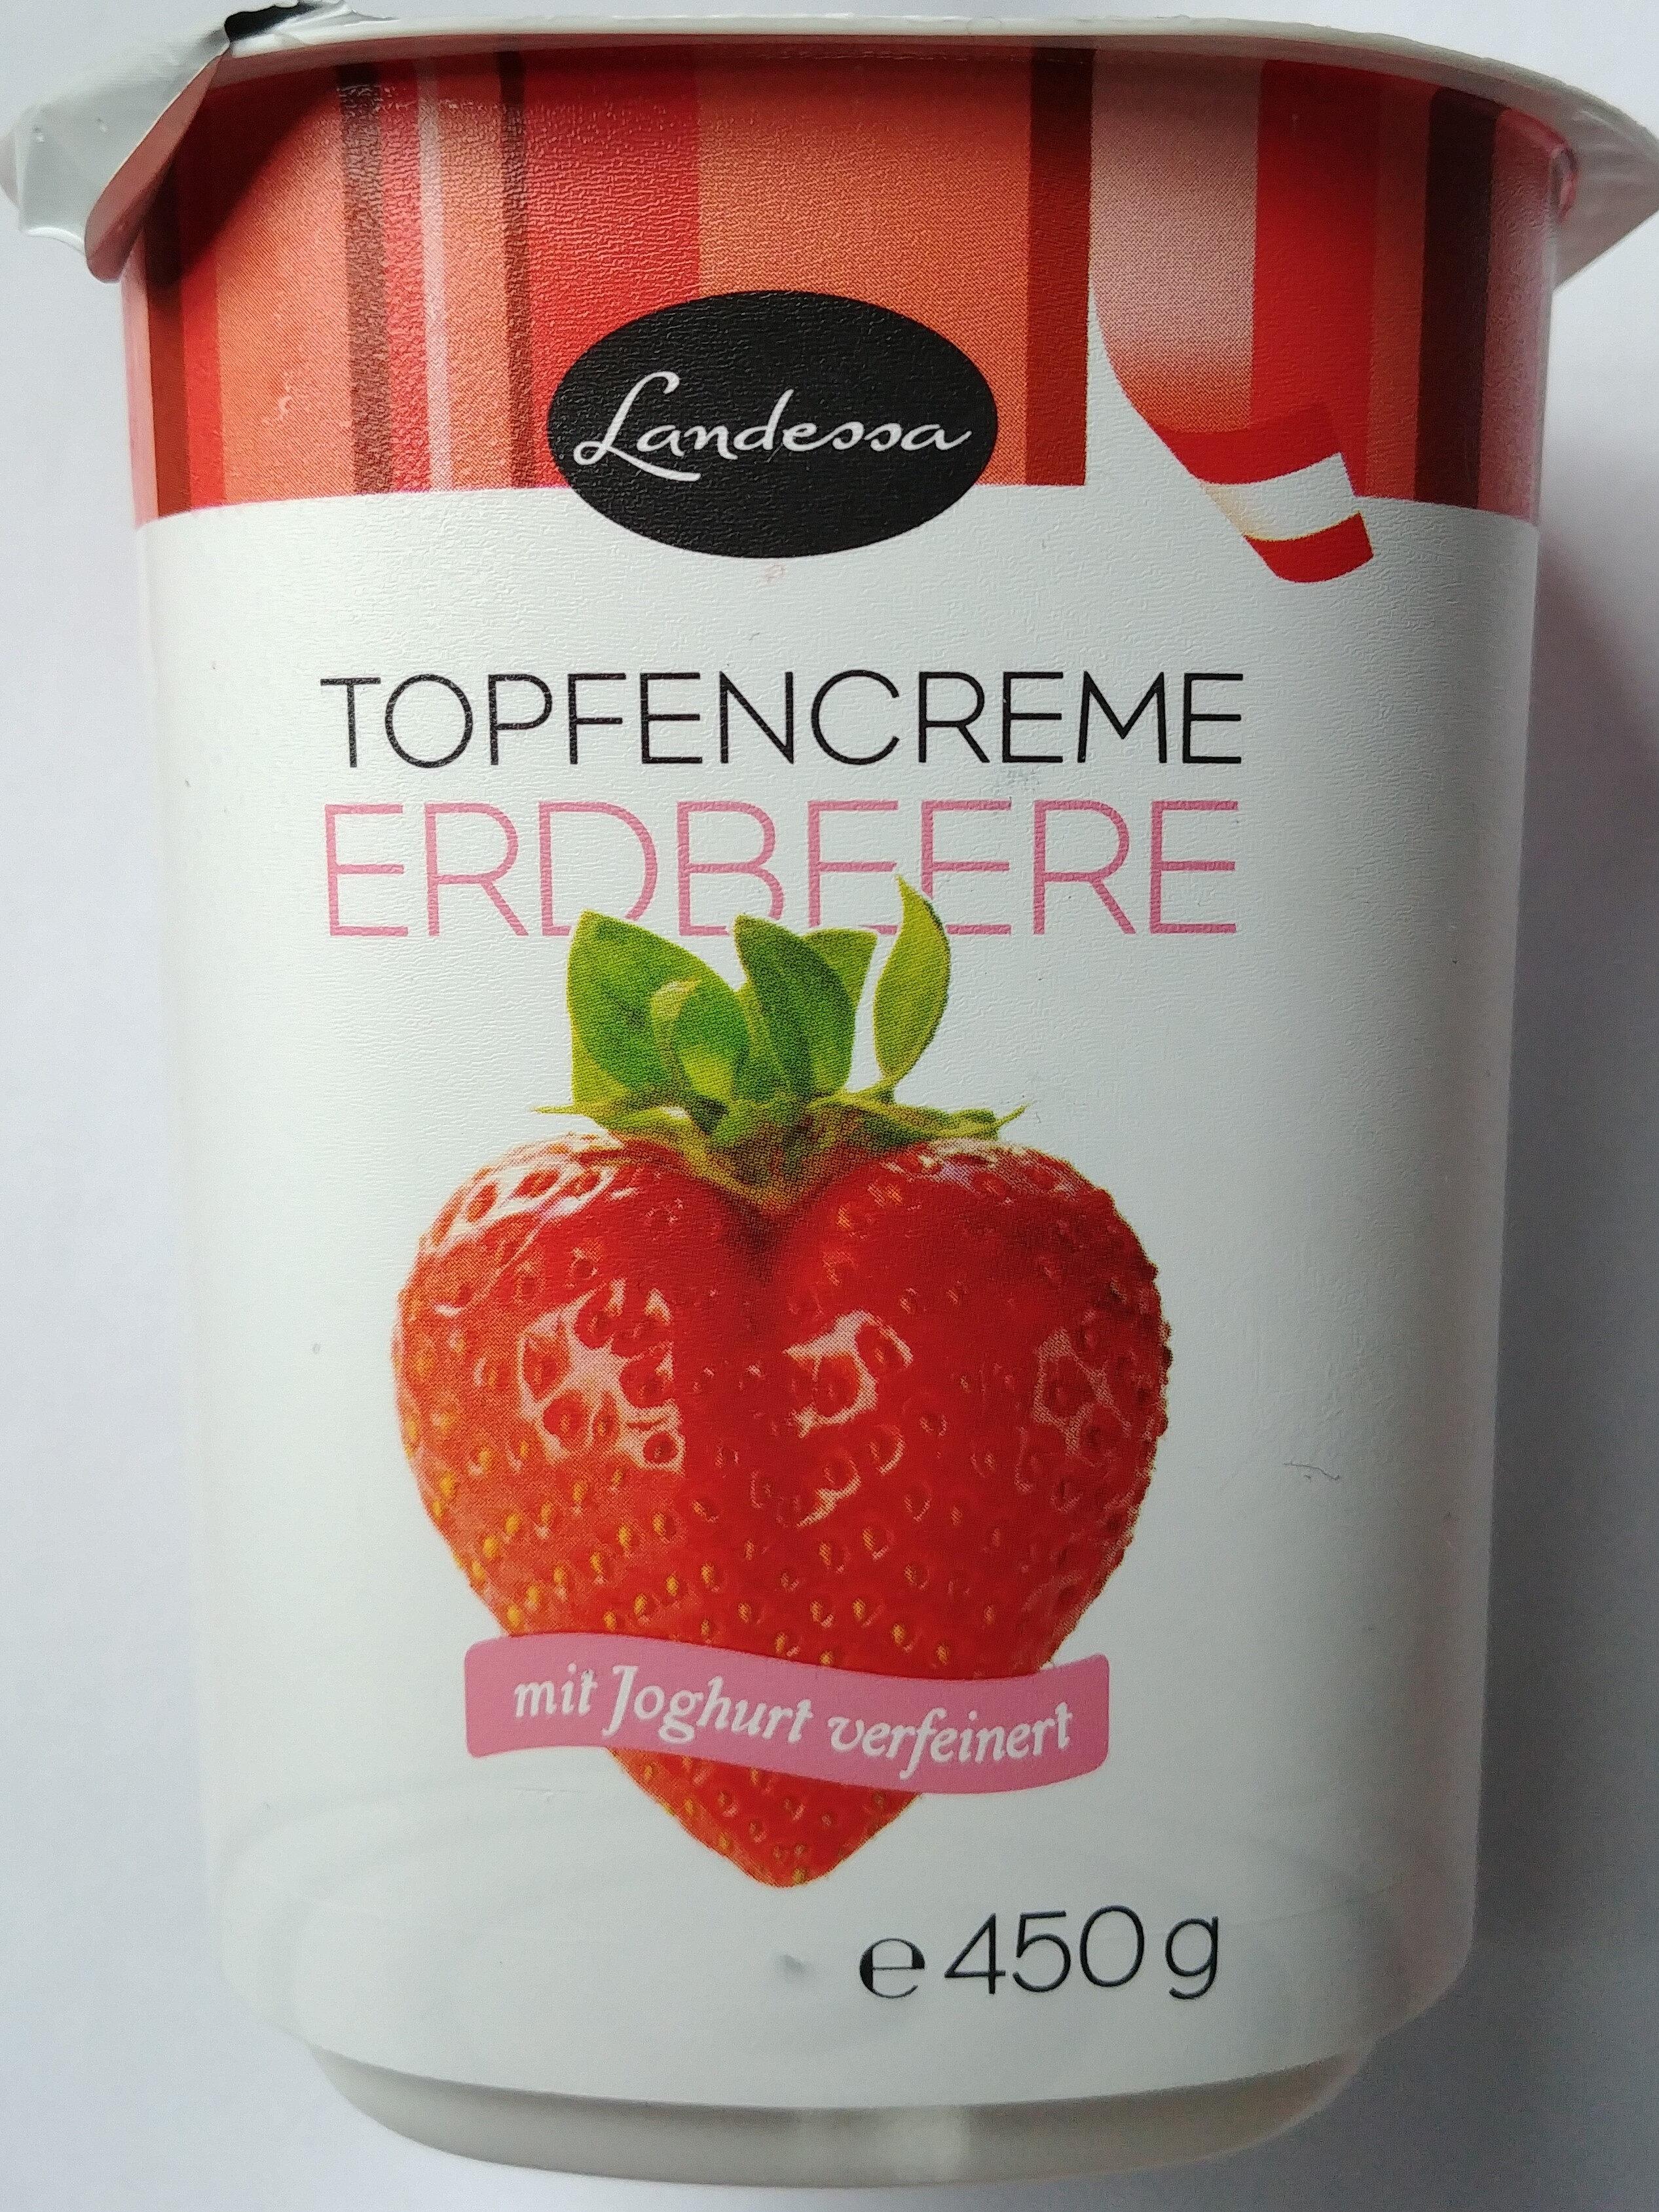 Topfen-Joghurt-Creme Erdbeere - Product